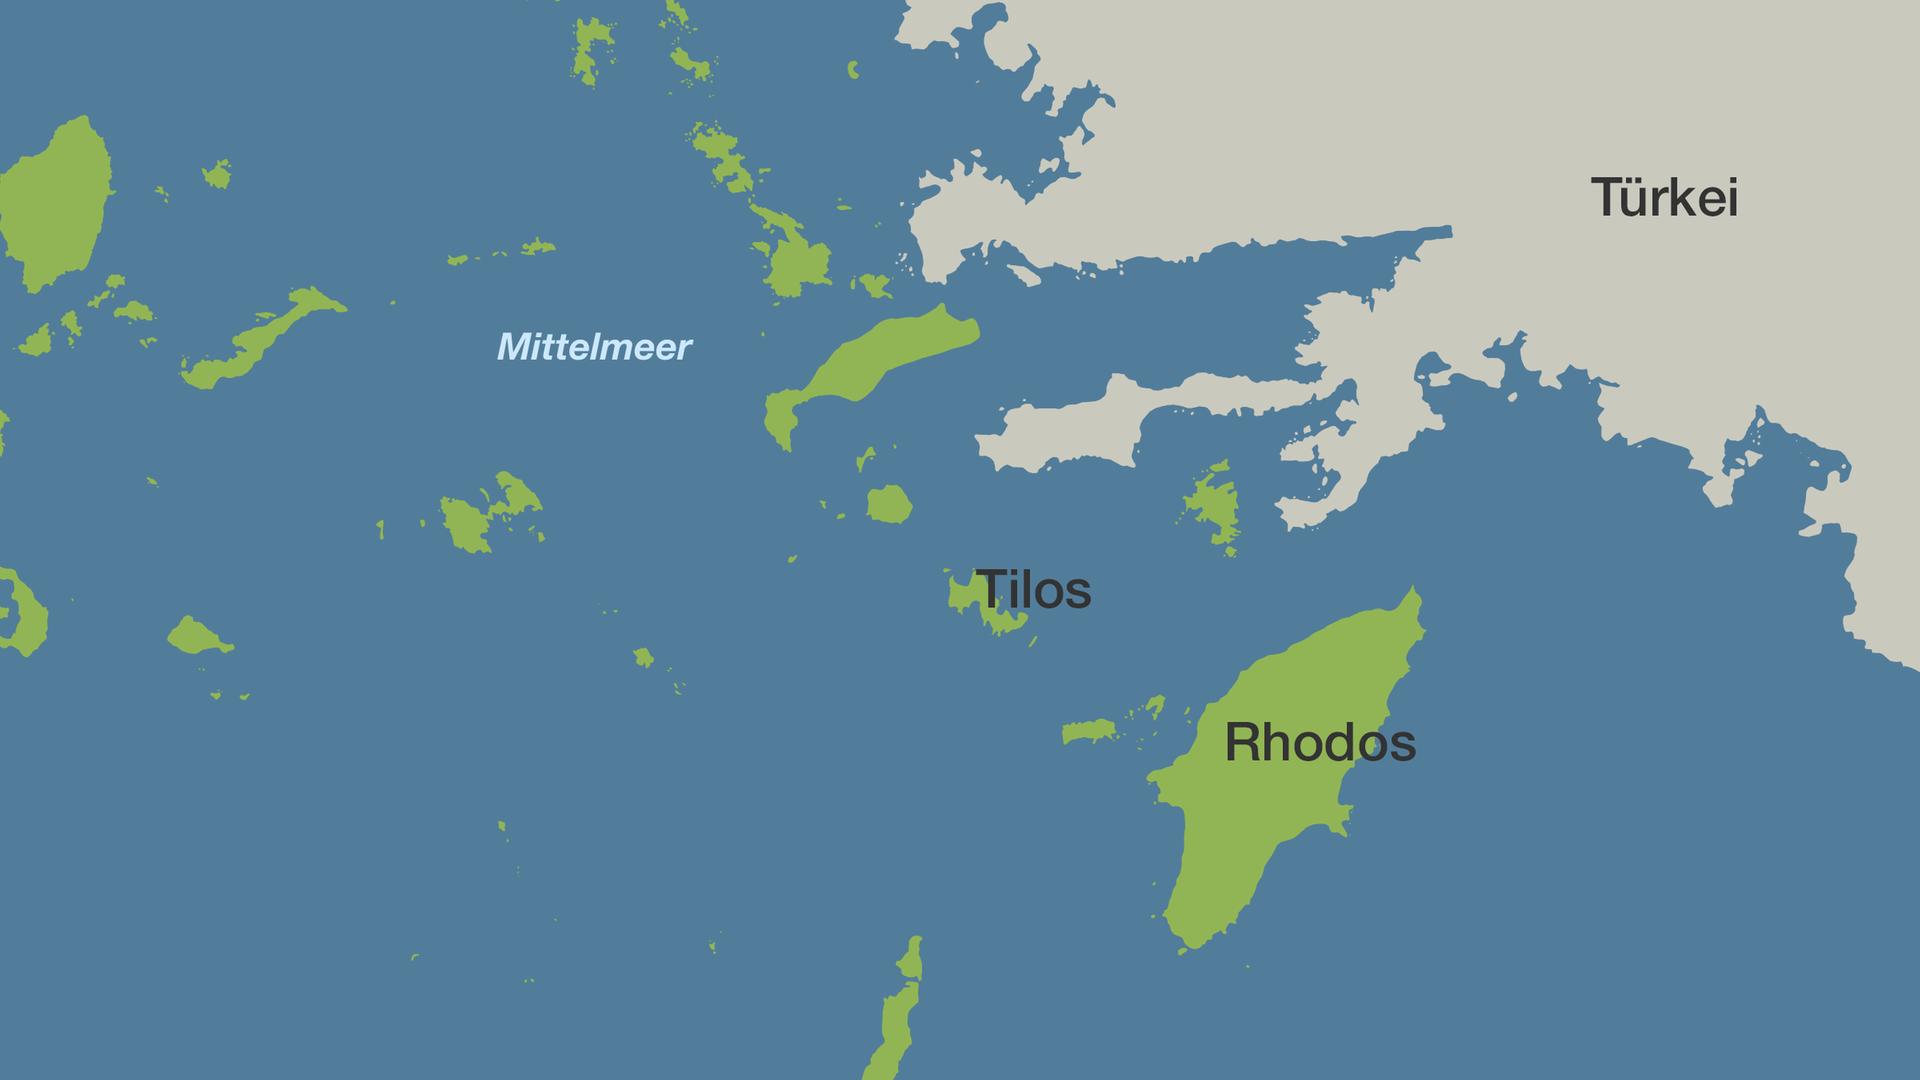 Mittelmeer Karte Inseln.Griechische Insel Tilos Setzt Komplett Auf Erneuerbare